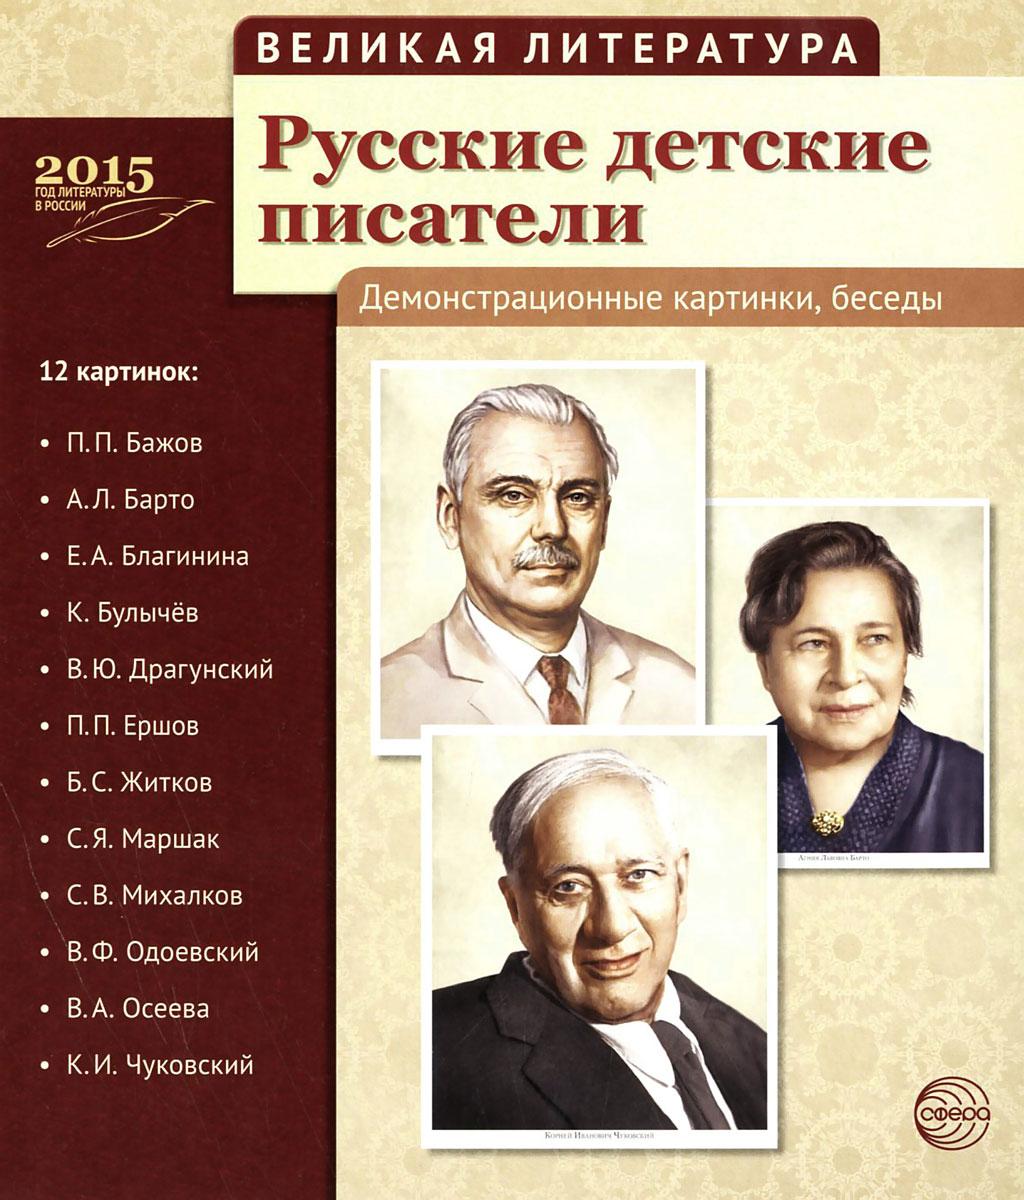 Русские детские писатели (набор из 12 демонстрационных картинок)